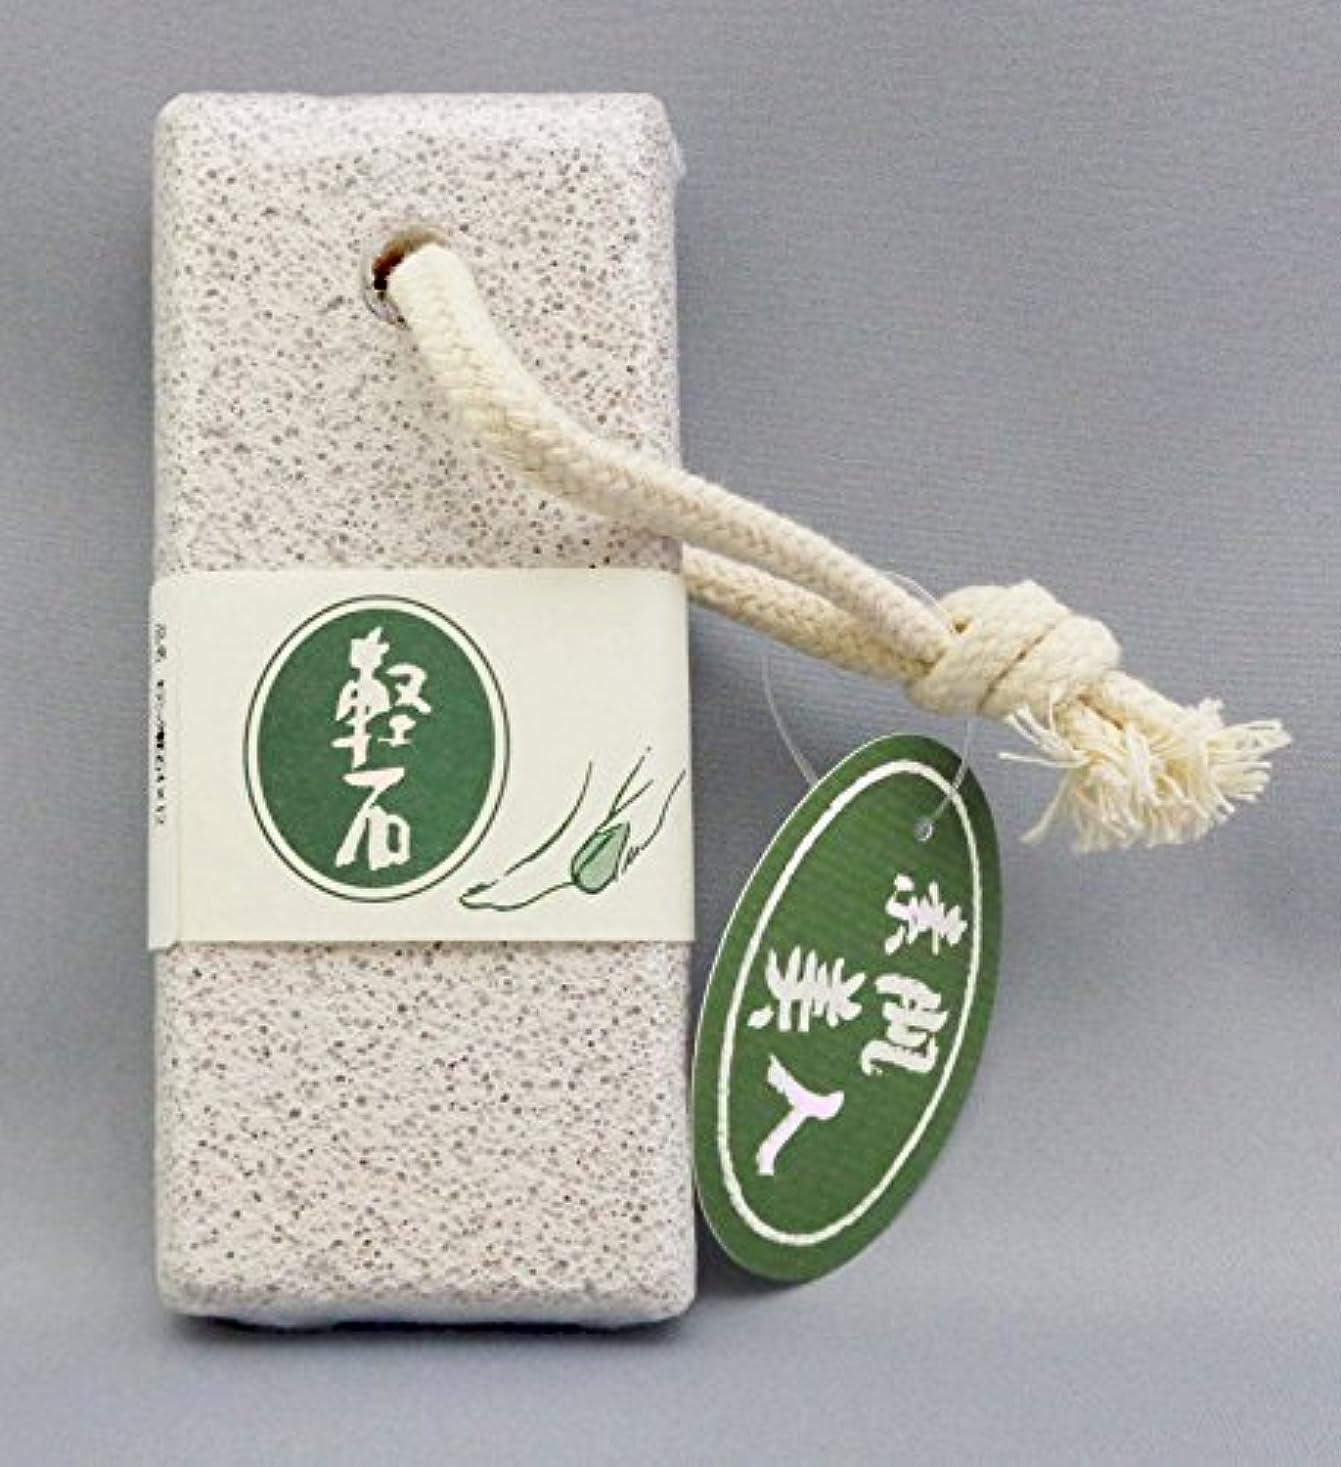 ソーセージ通り然としたシオザキ No.19 セラミック軽石 4x12 天然丸軽石 ヒモ付